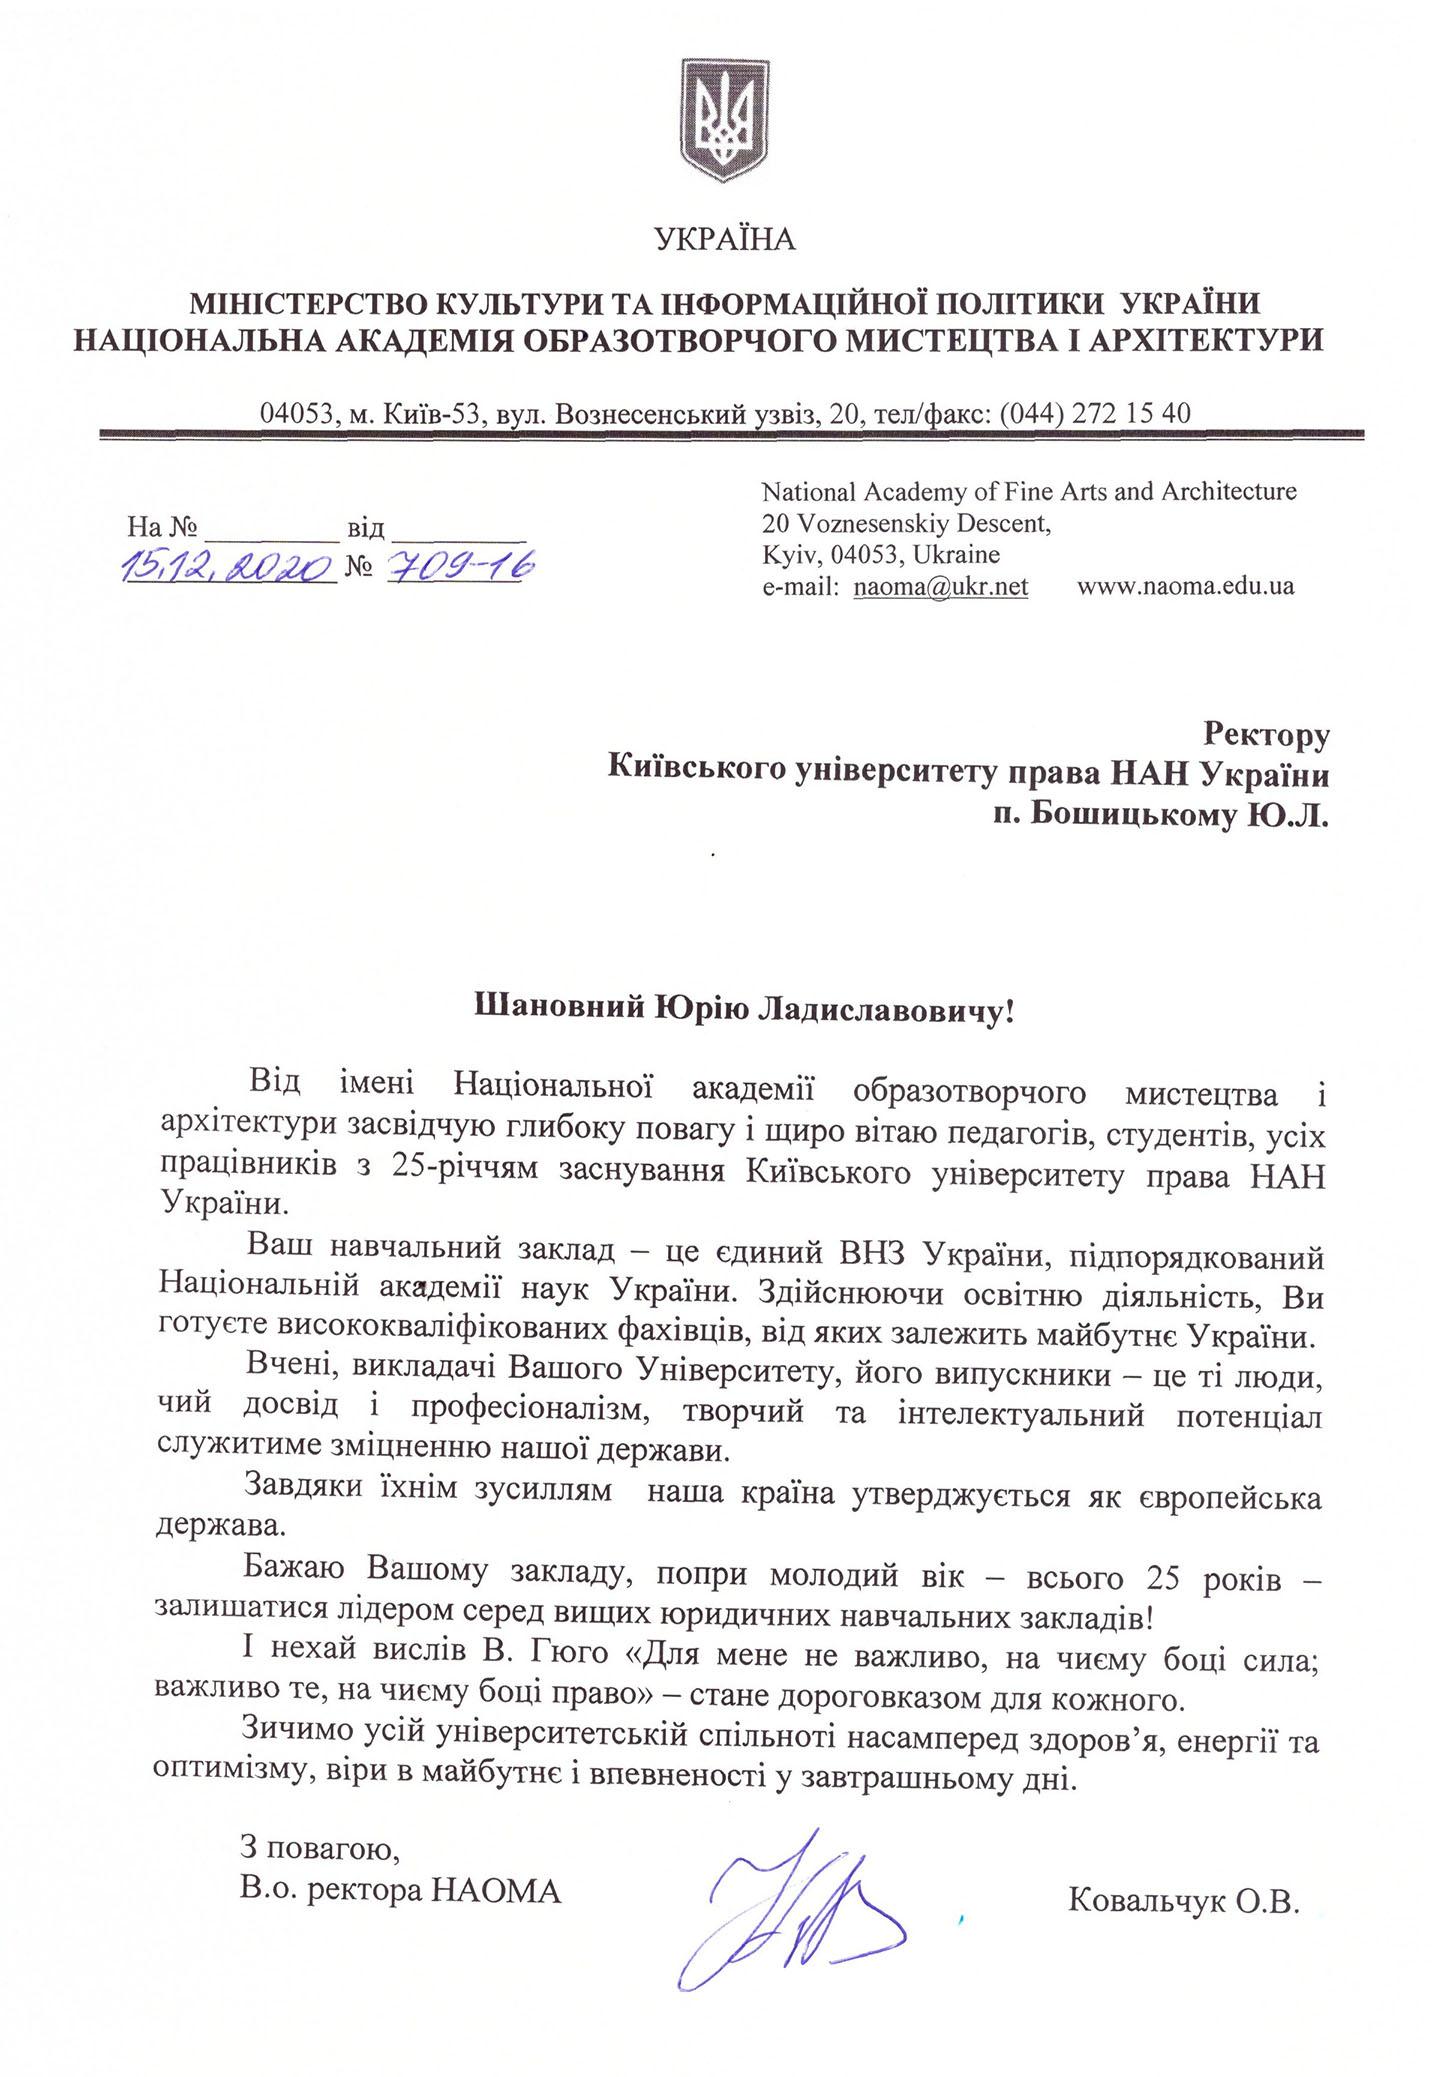 kovalchuk.jpg